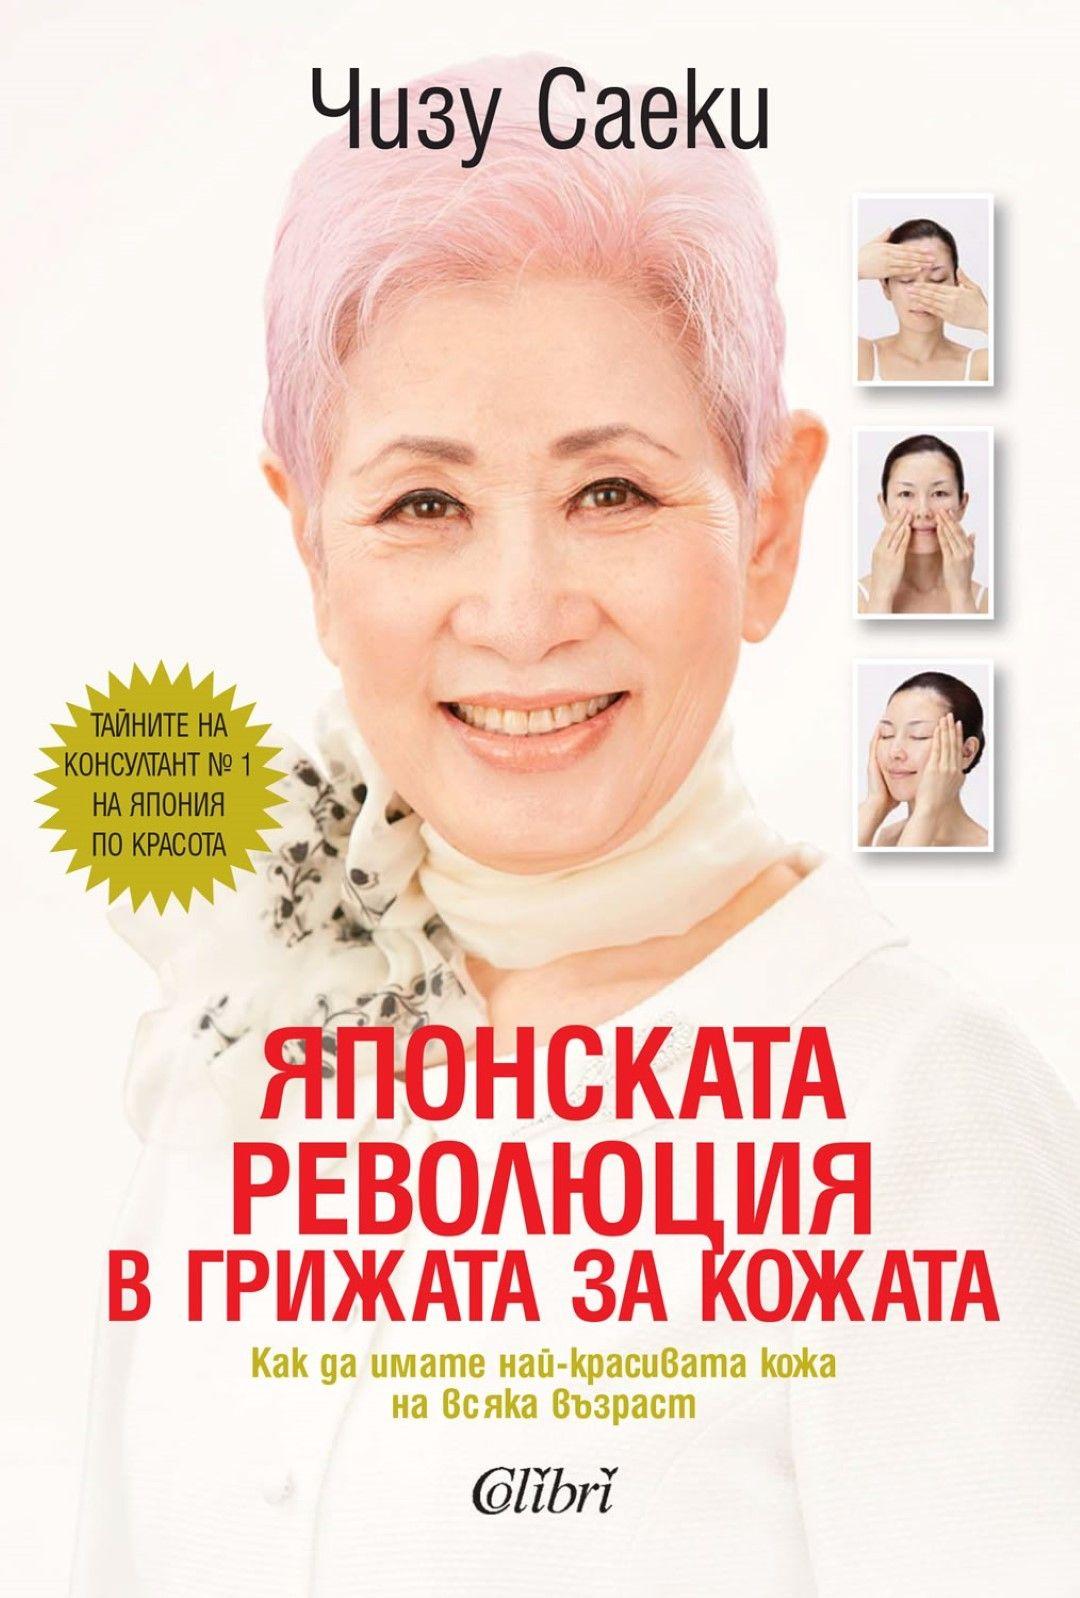 """""""Японската революция в грижата за кожата"""", превод: Надя Баева, 128 стр., цена: 16 лв."""